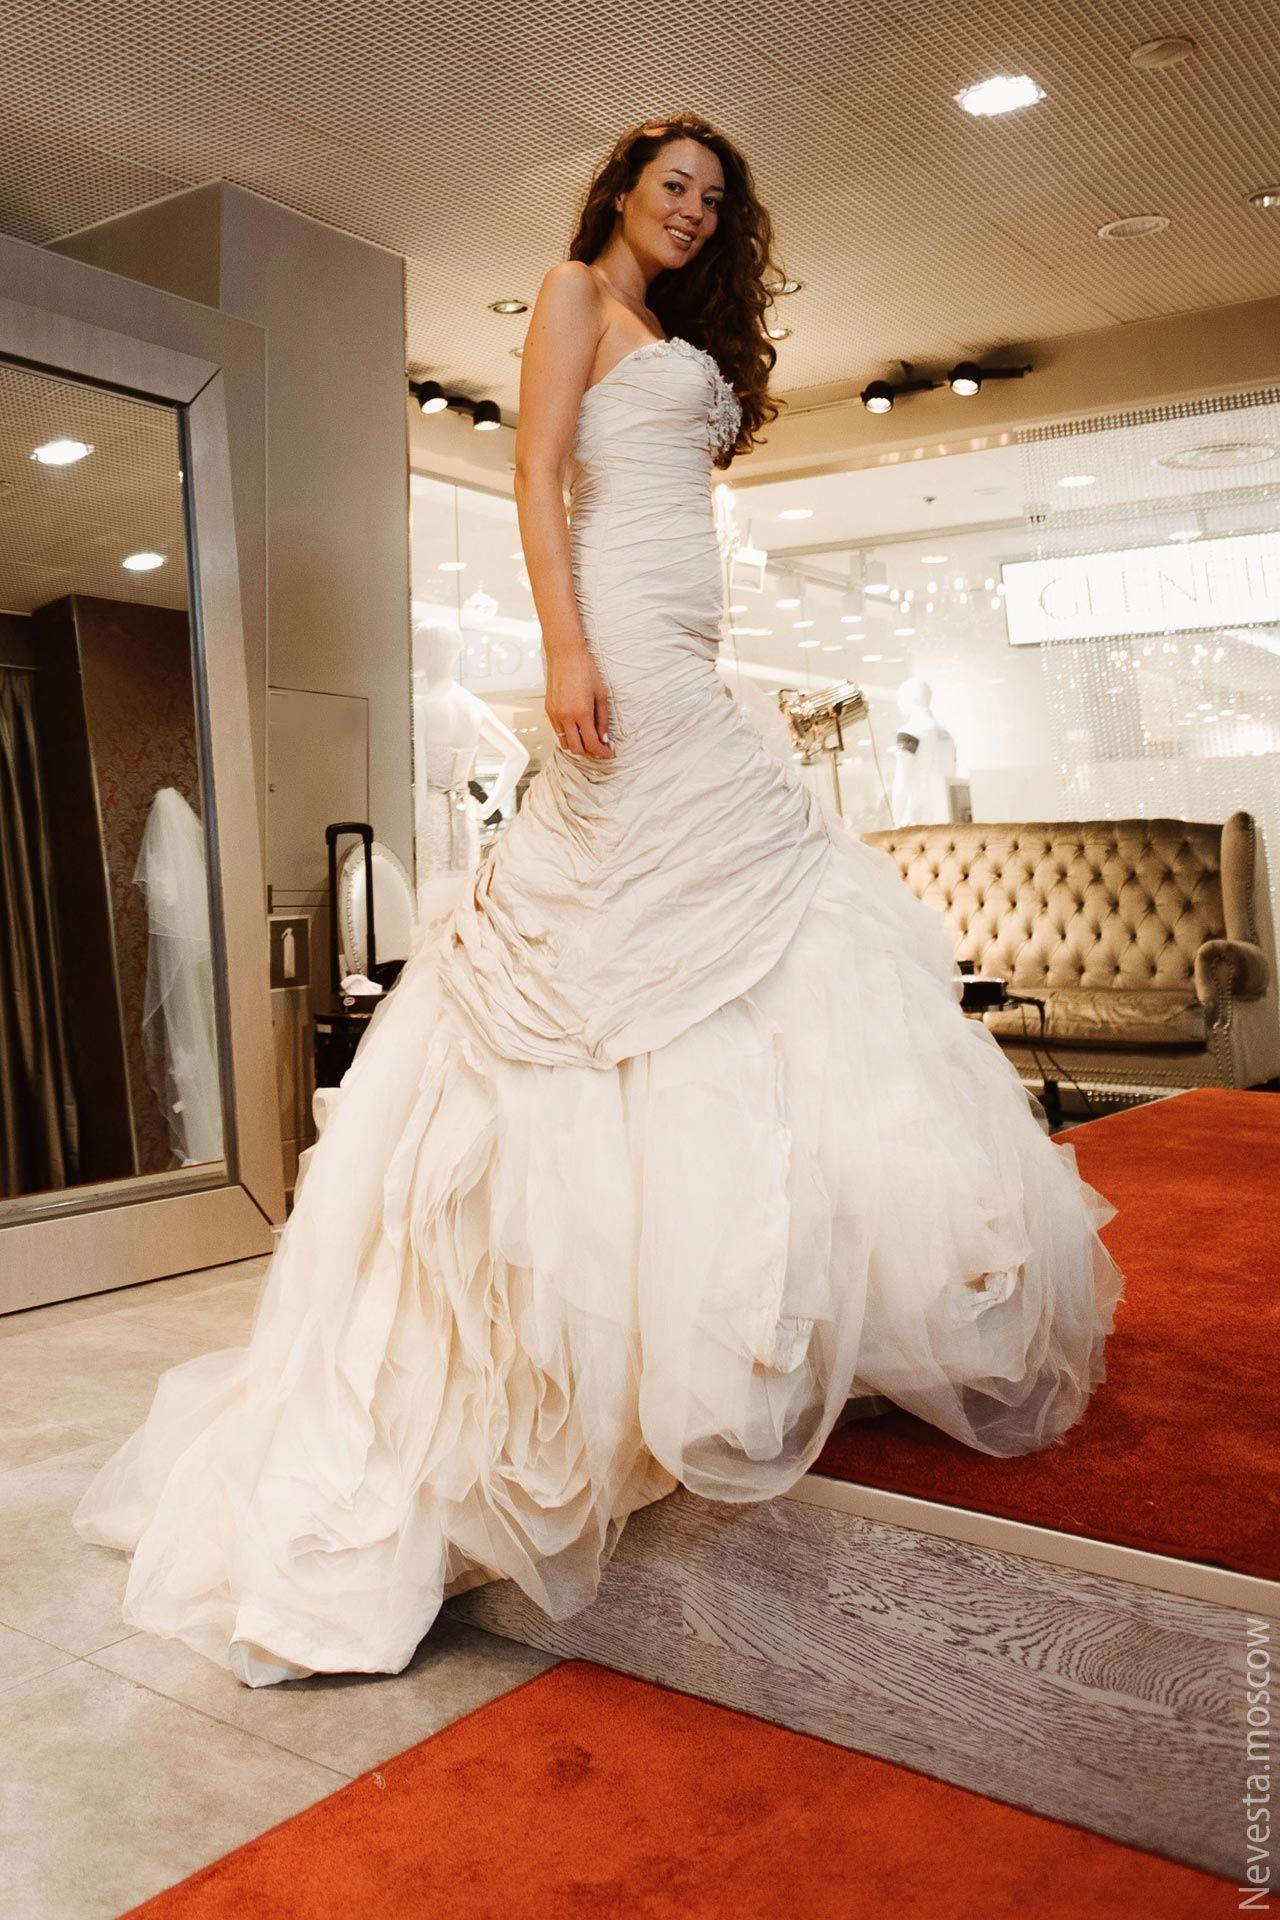 Рената Байкова примеряет свадебное платье фото 6